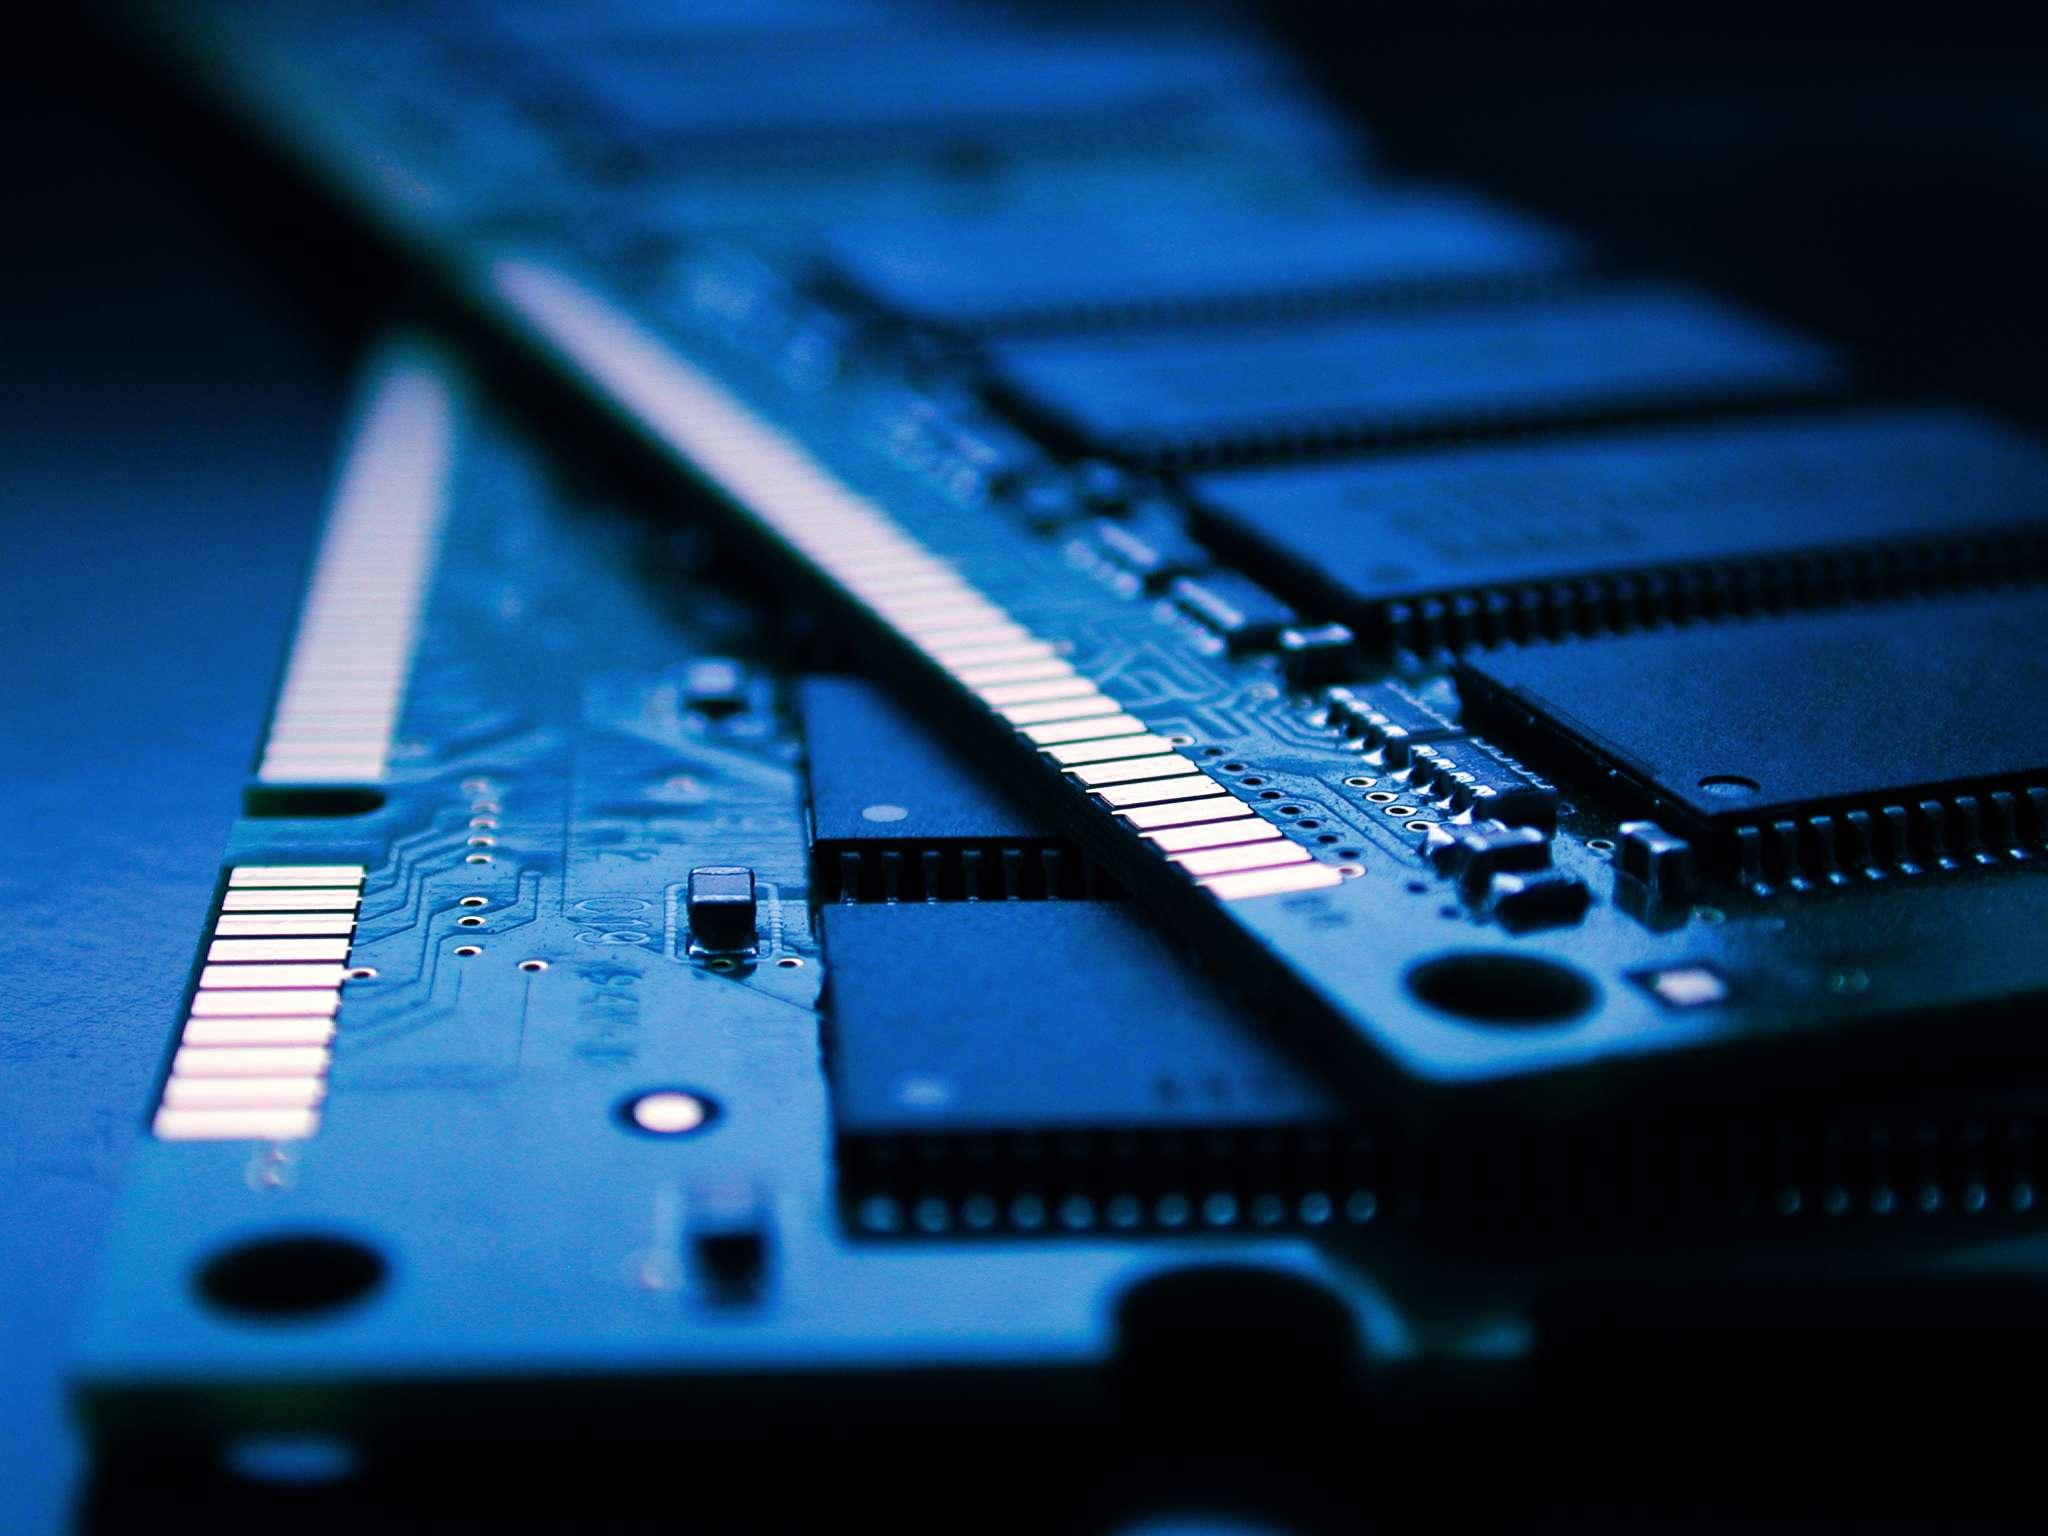 ماهو الرام RAM ذاكرة الوصول العشوائي